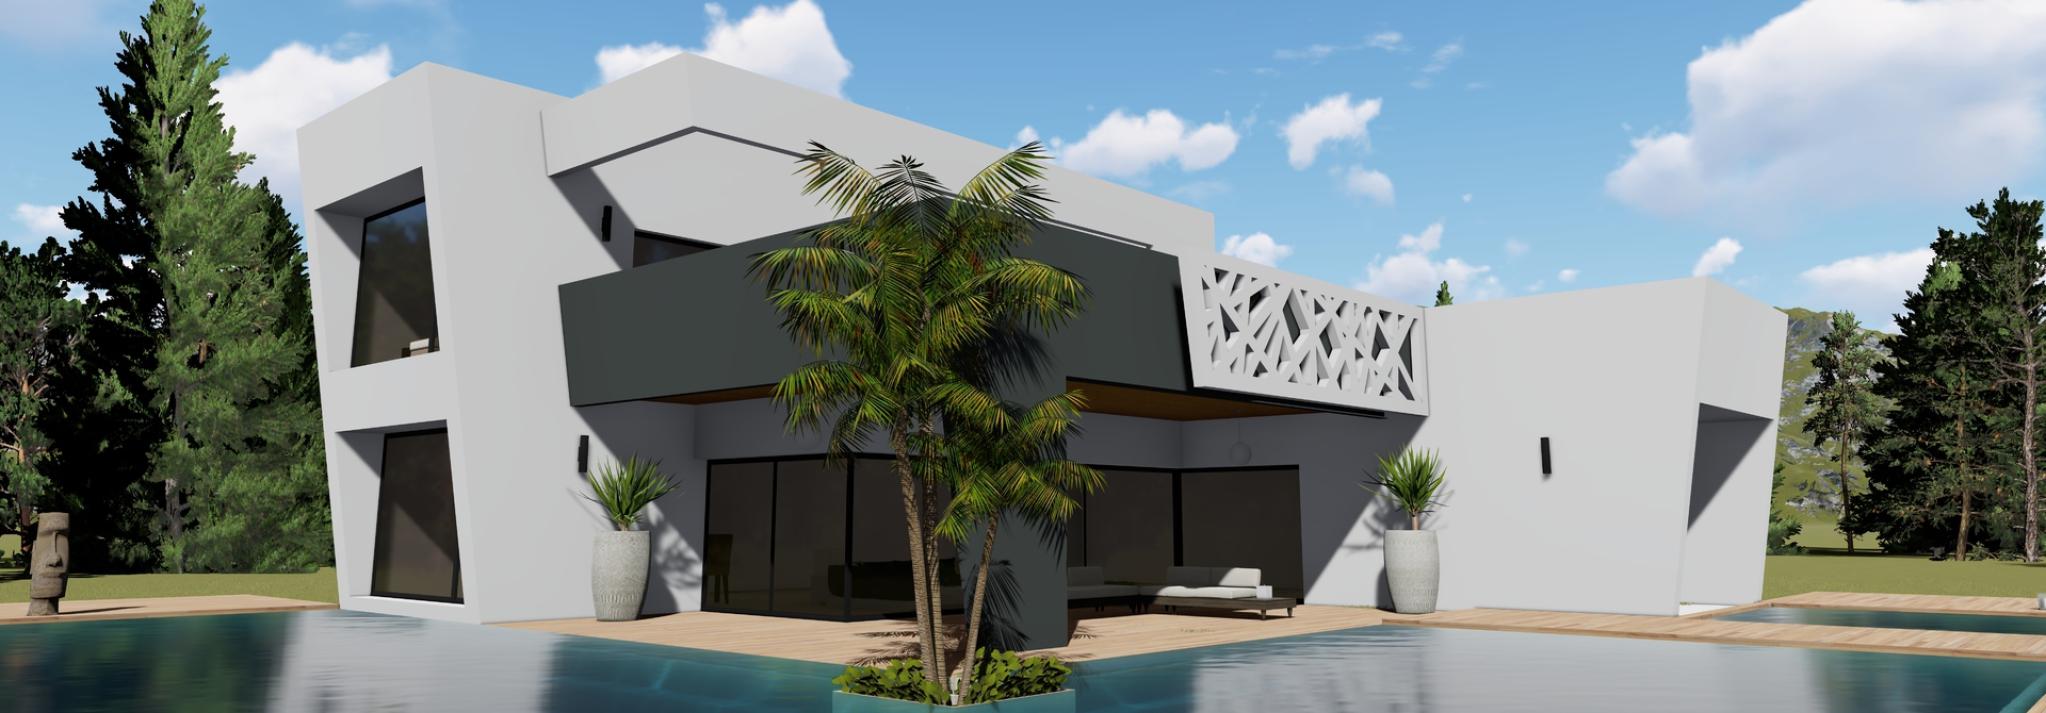 Casa modular hormigon precio fabulous gua casas modulares - Precios de hormigon ...